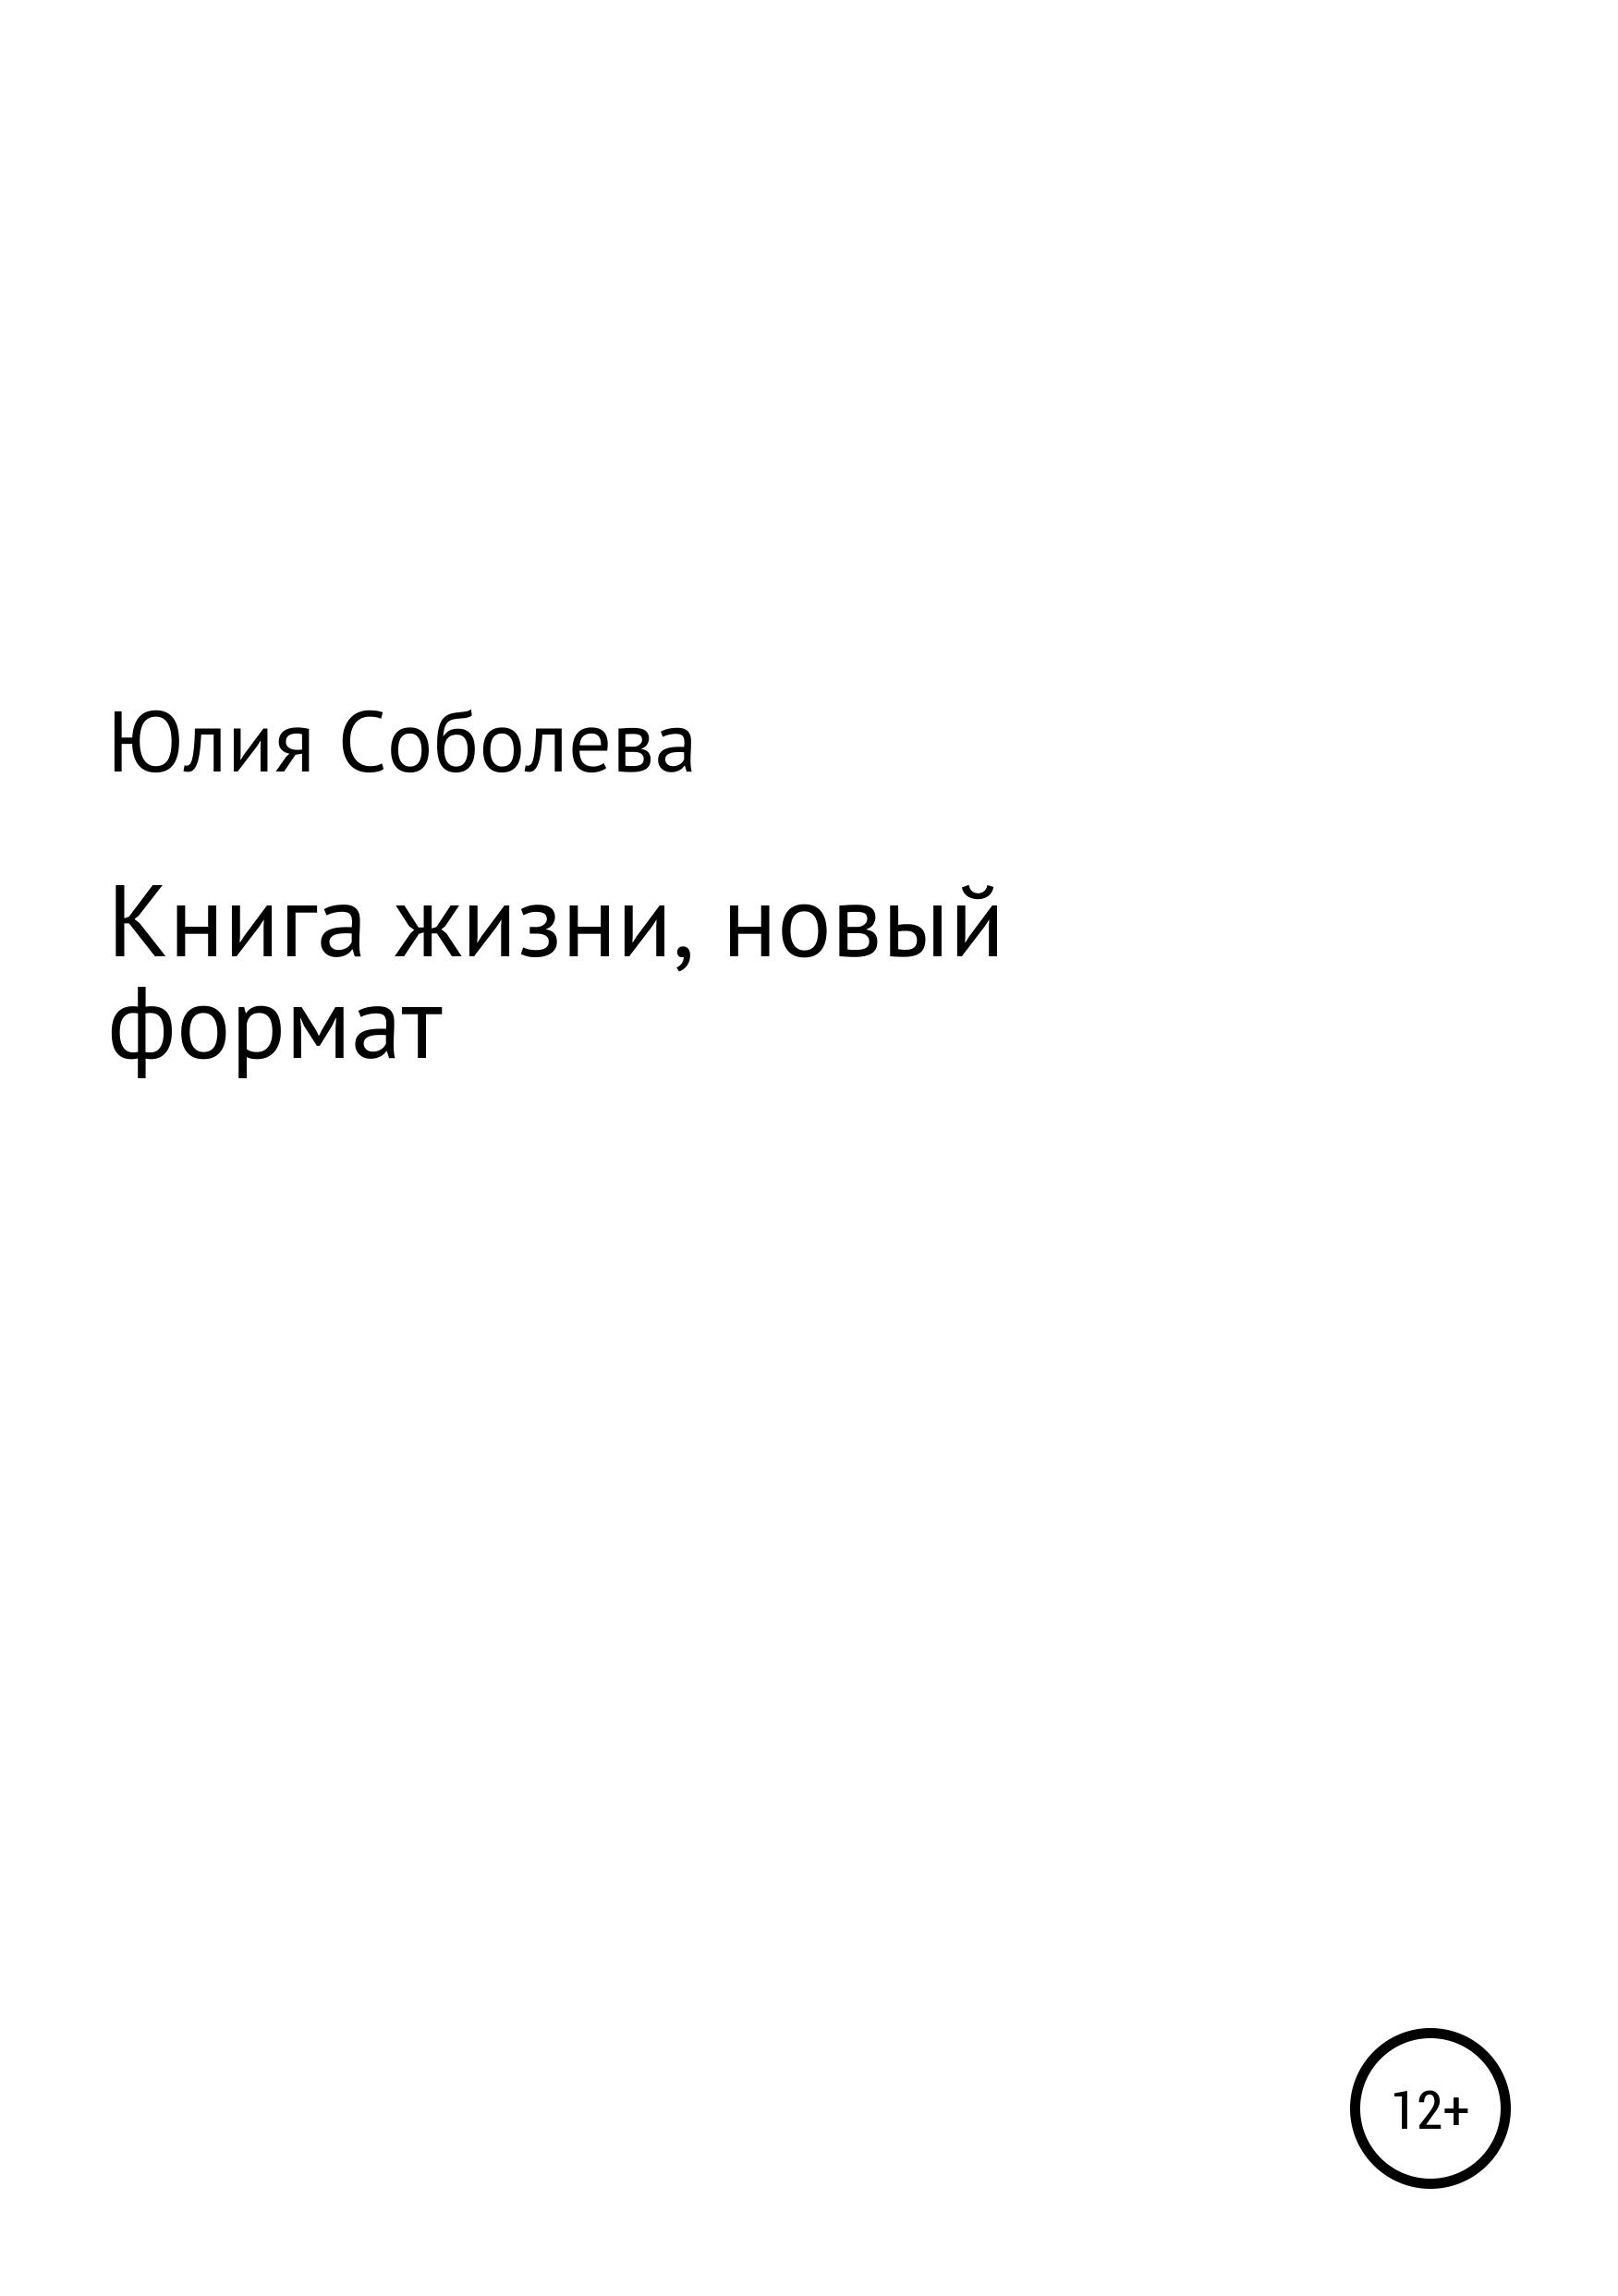 Юлия Соболева Книга жизни, новый формат